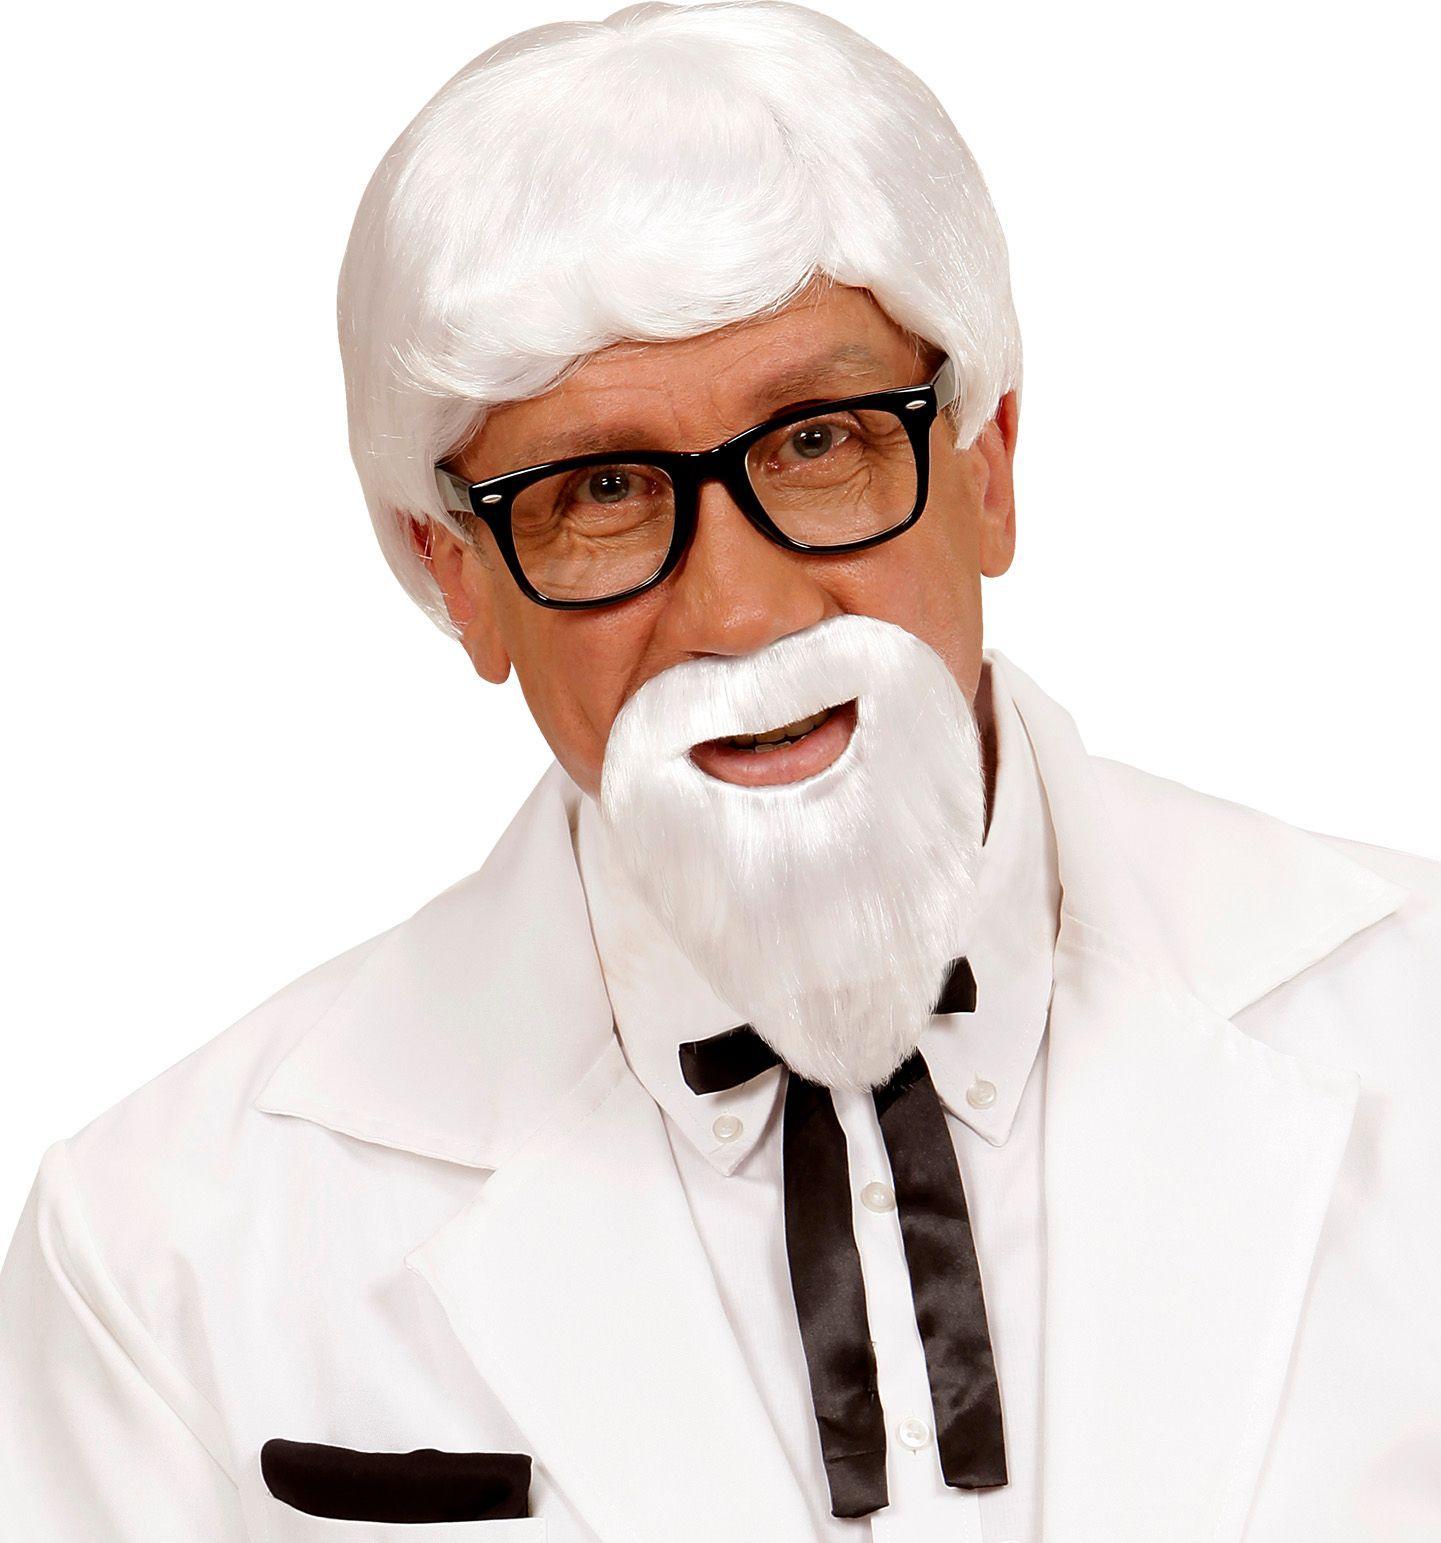 KFC directeur witte pruik met baard